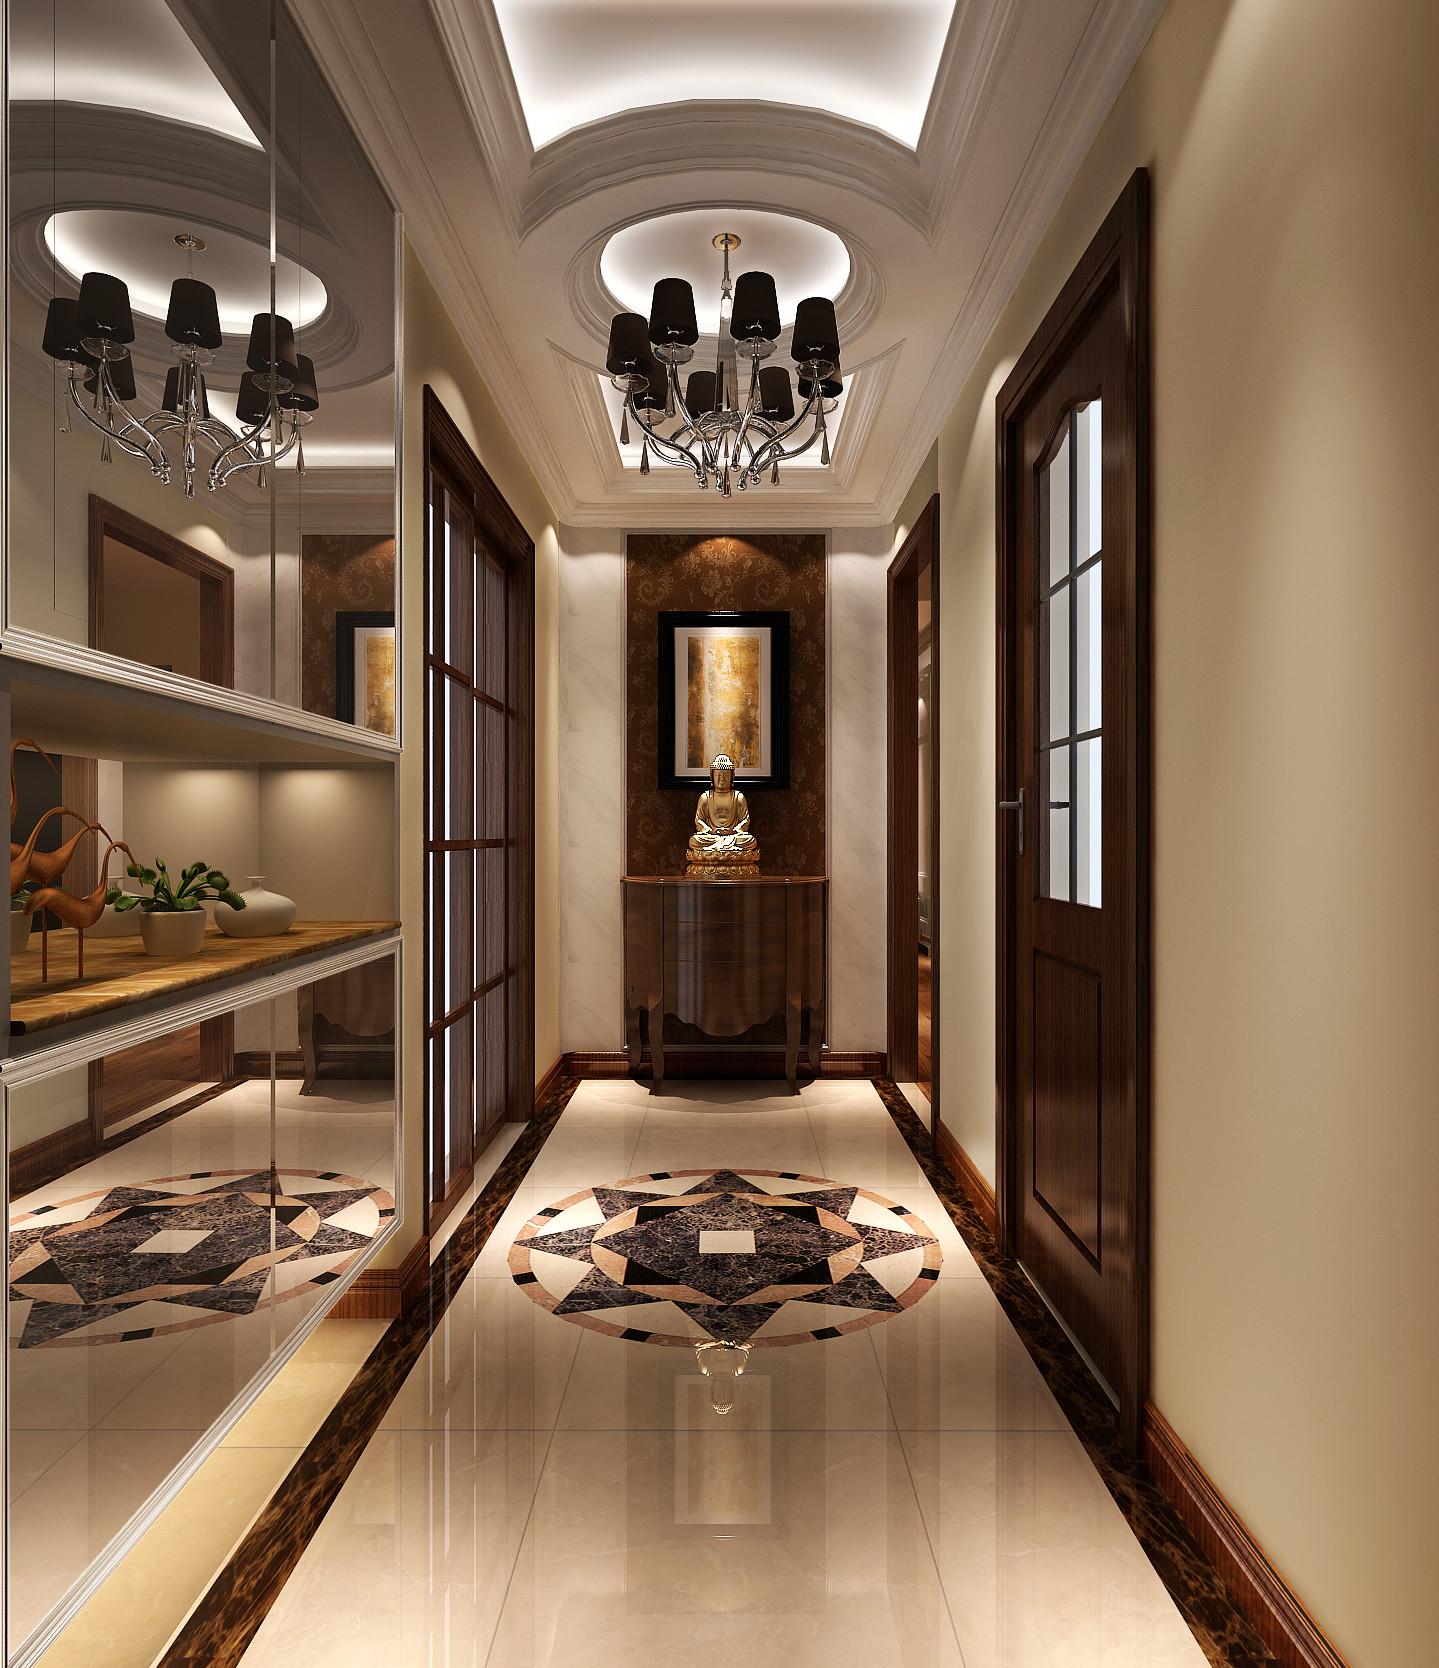 简约 混搭 别墅 白领 80后 复式 高度国际 鲁能7号院 时尚 玄关图片来自北京高度国际装饰设计在鲁能7号院混搭复式公寓的分享